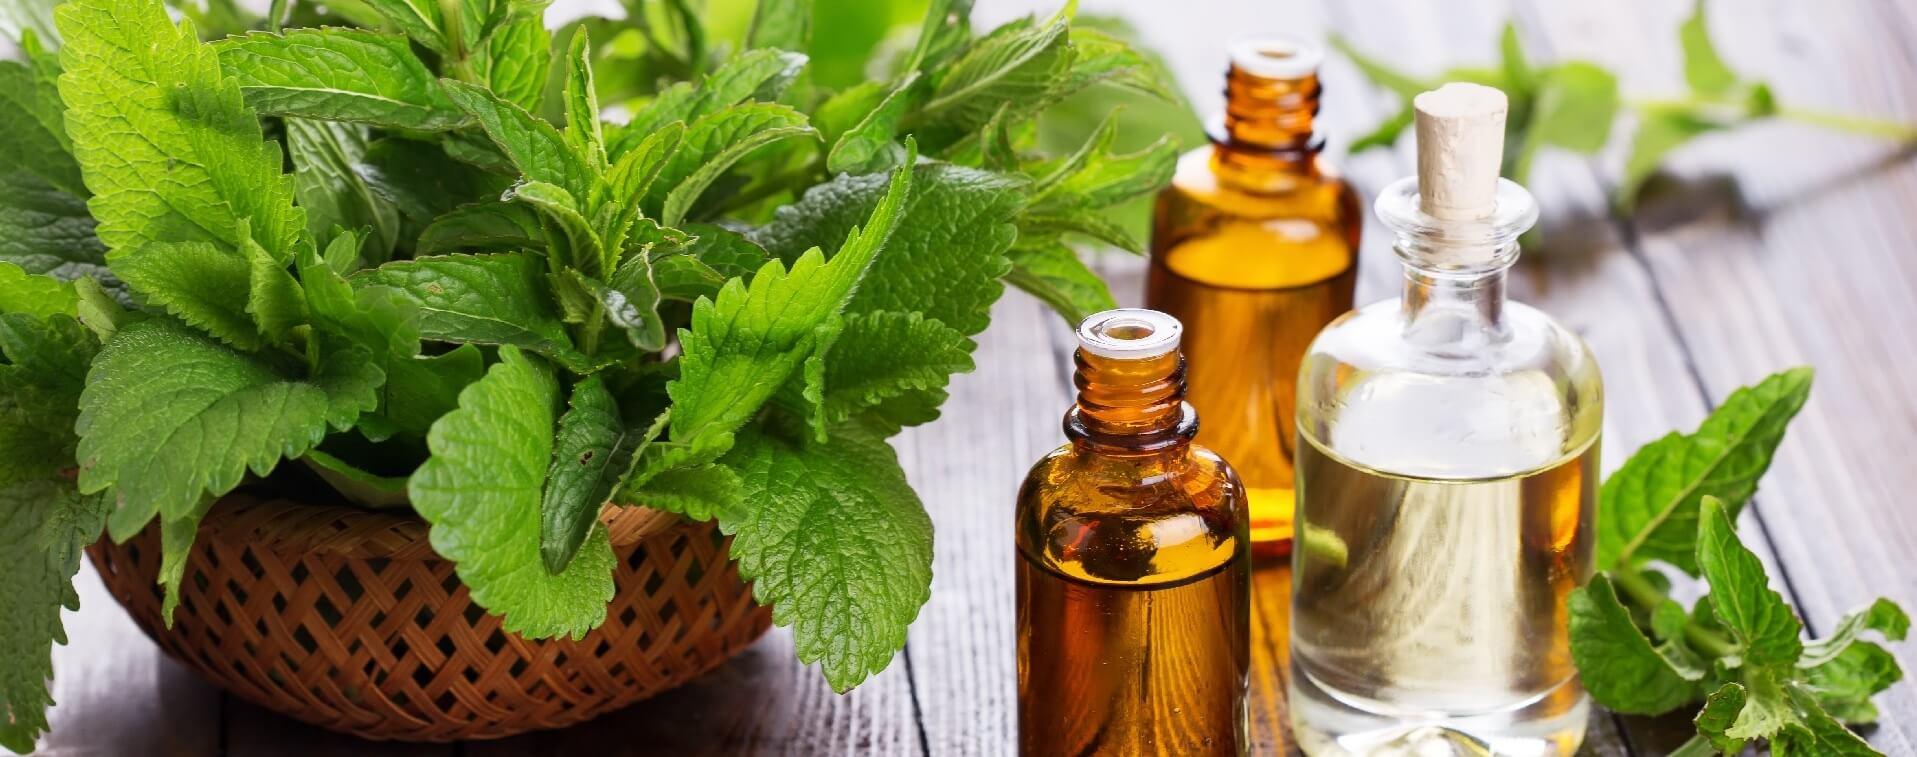 Comment choisir huile essentielle